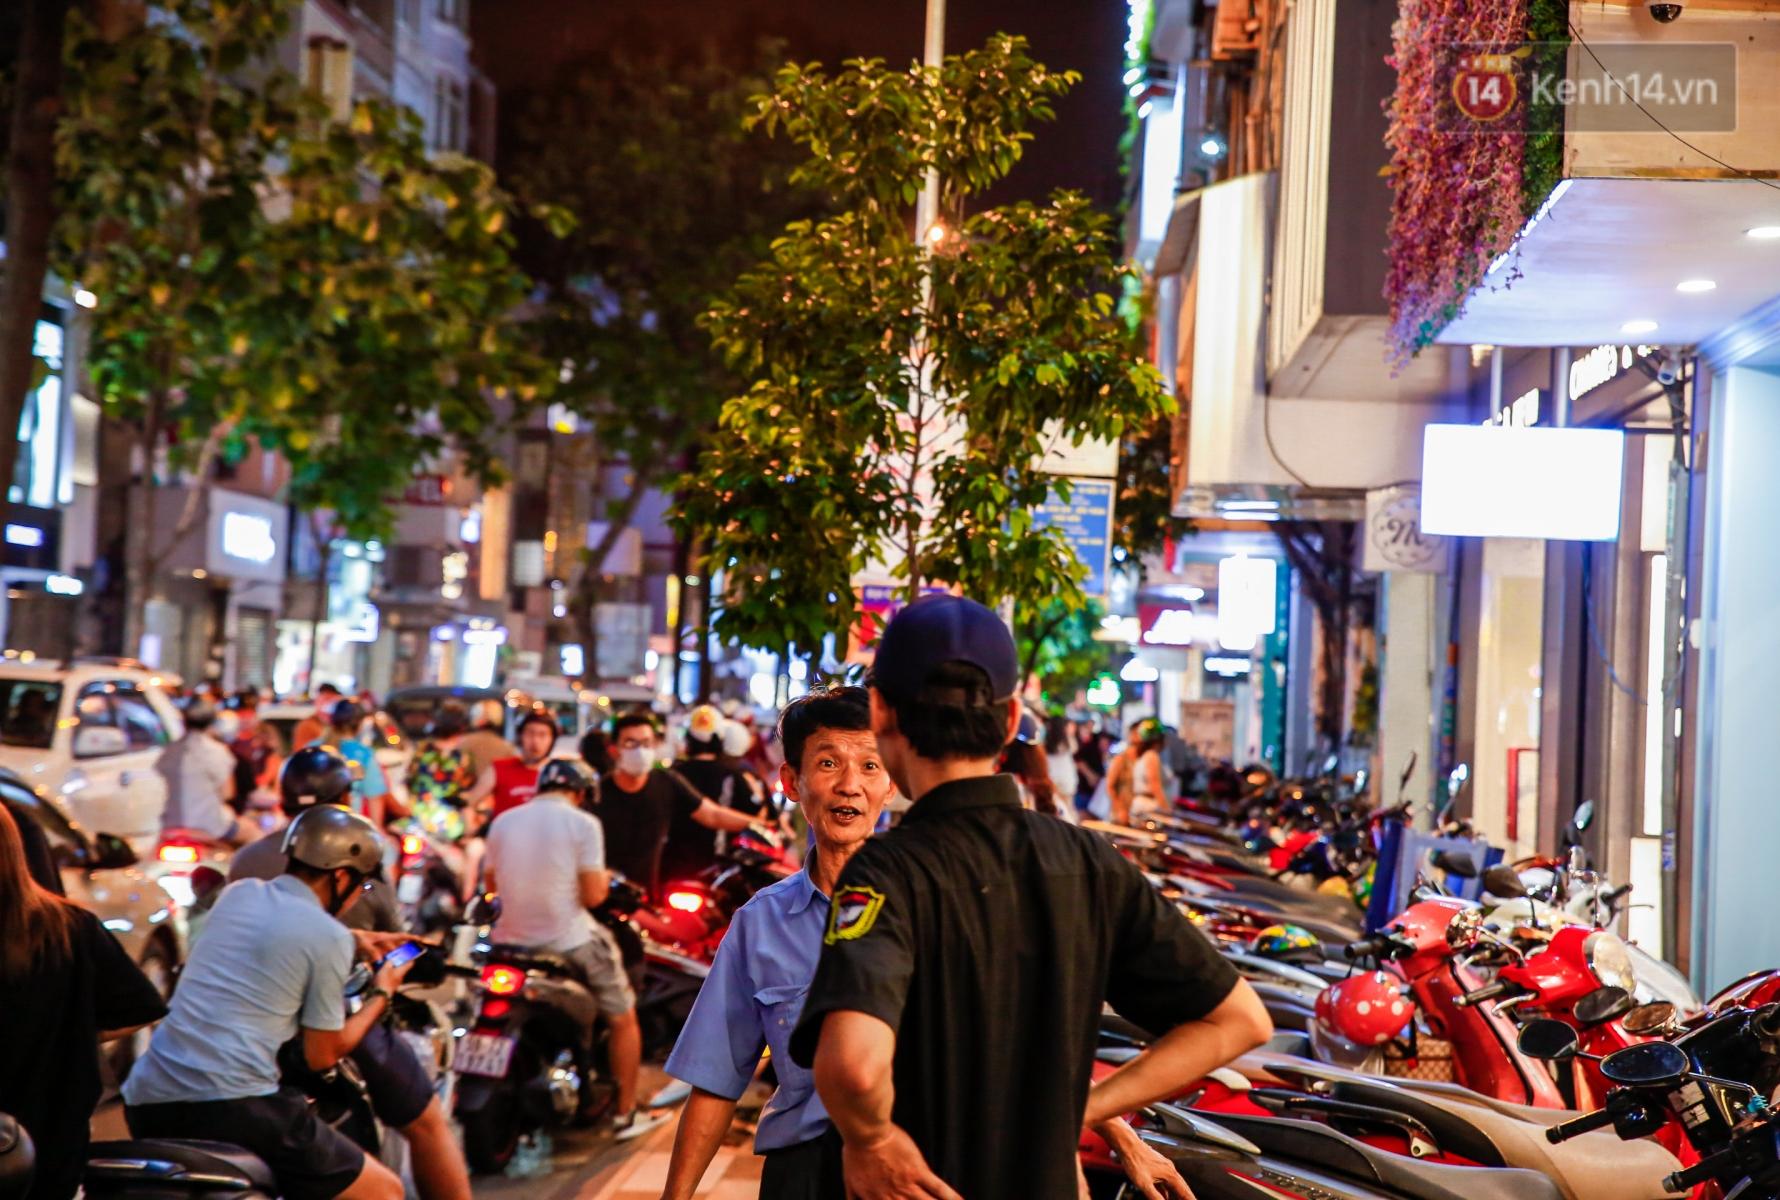 22h khuya nhưng người Sài Gòn vẫn tấp nập săn sale, tranh thủ hốt những món đồ ưng ý trước khi kết thúc ngày Black Friday - Ảnh 7.